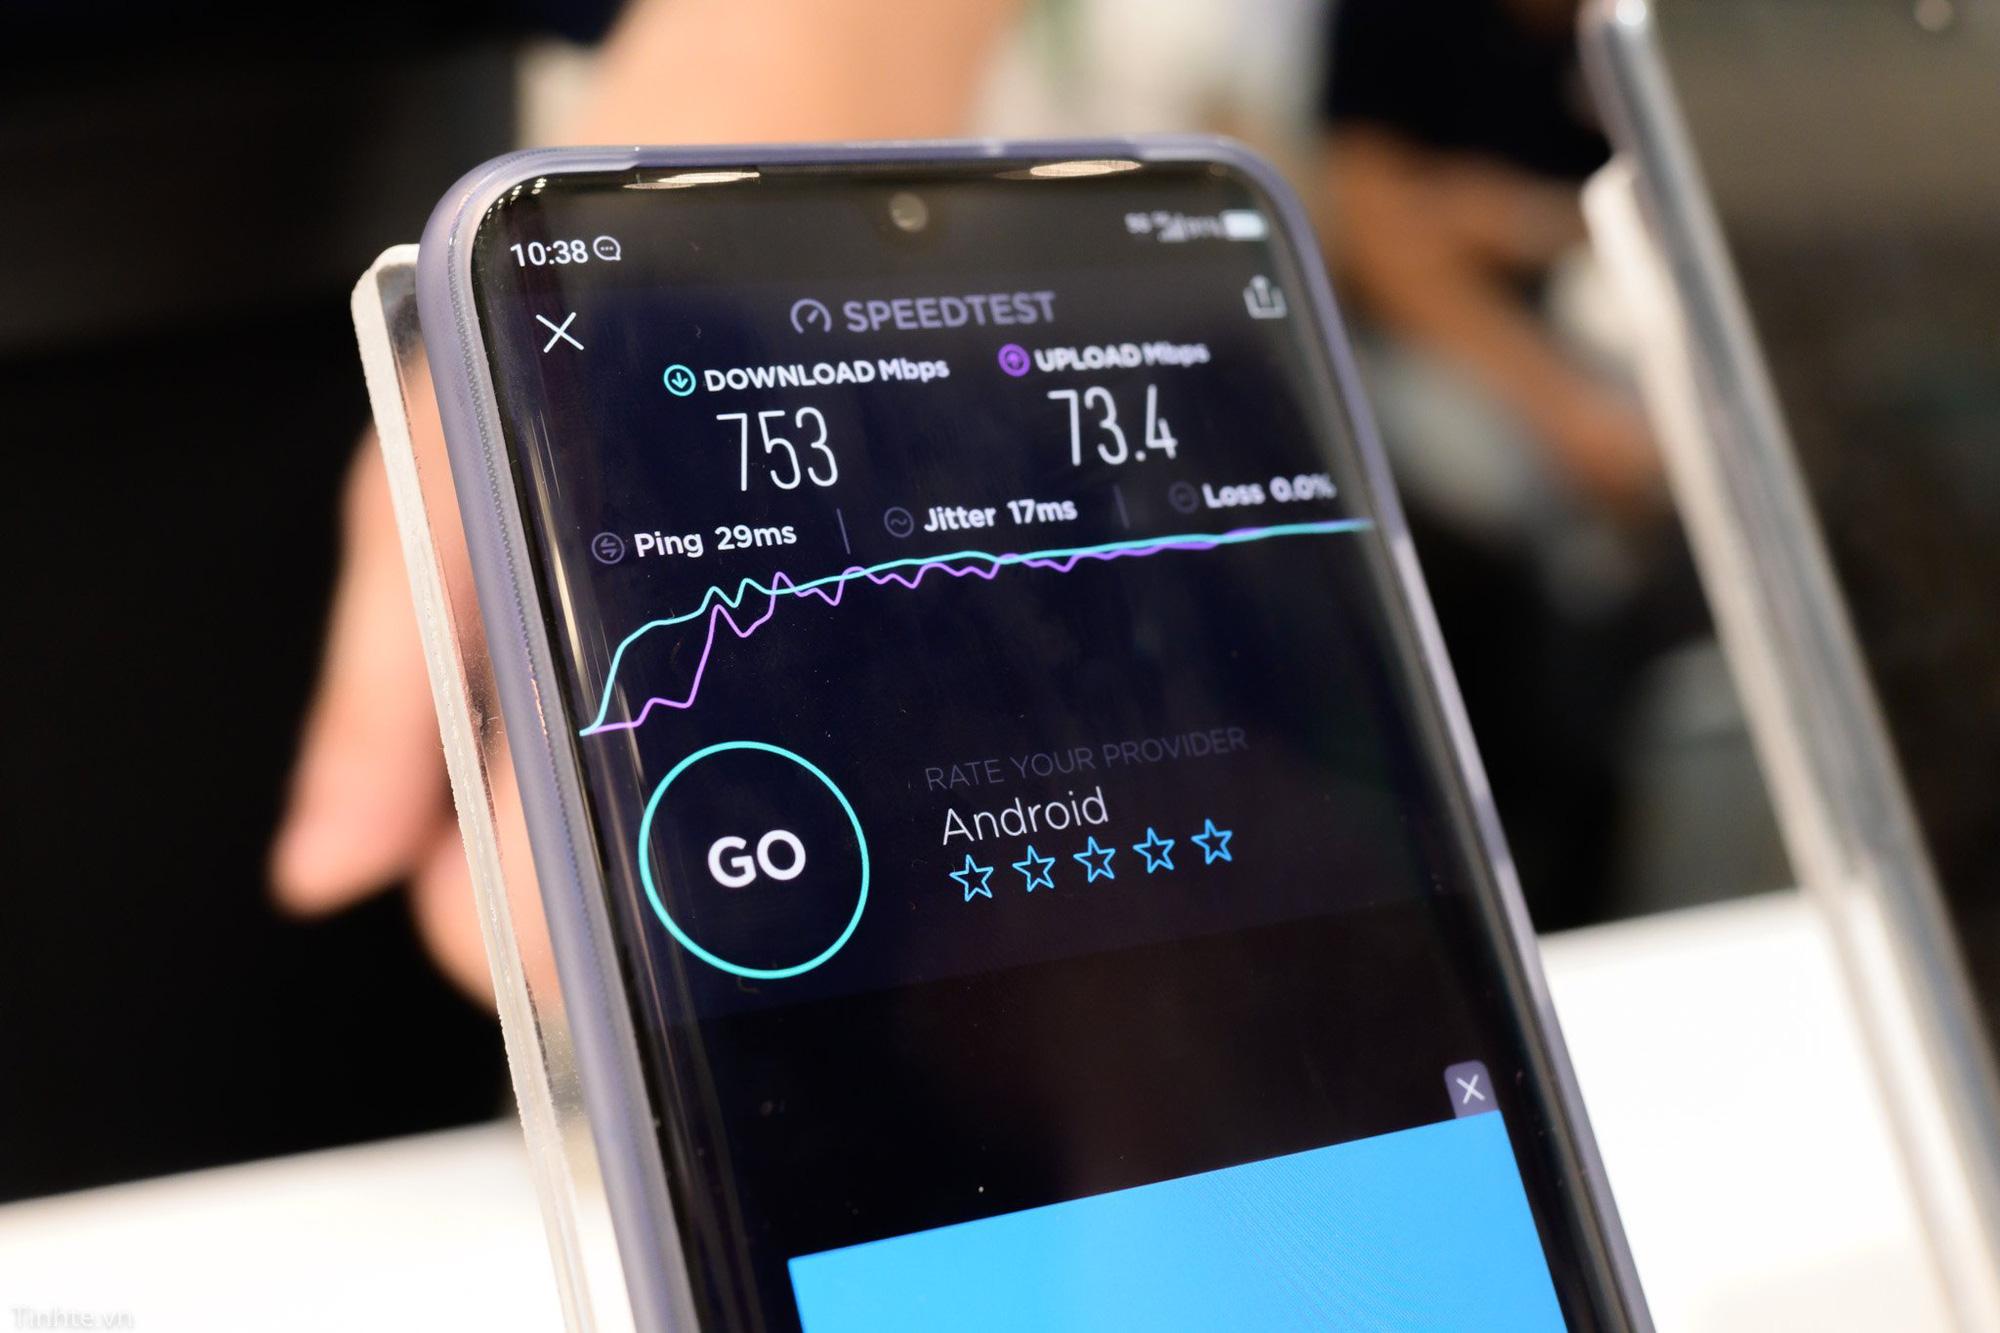 Kinh tế ASEAN sẽ chậm lại nếu thiếu mạng 5G mà Viettel, Vingroup, FPT đang triển khai - Ảnh 3.